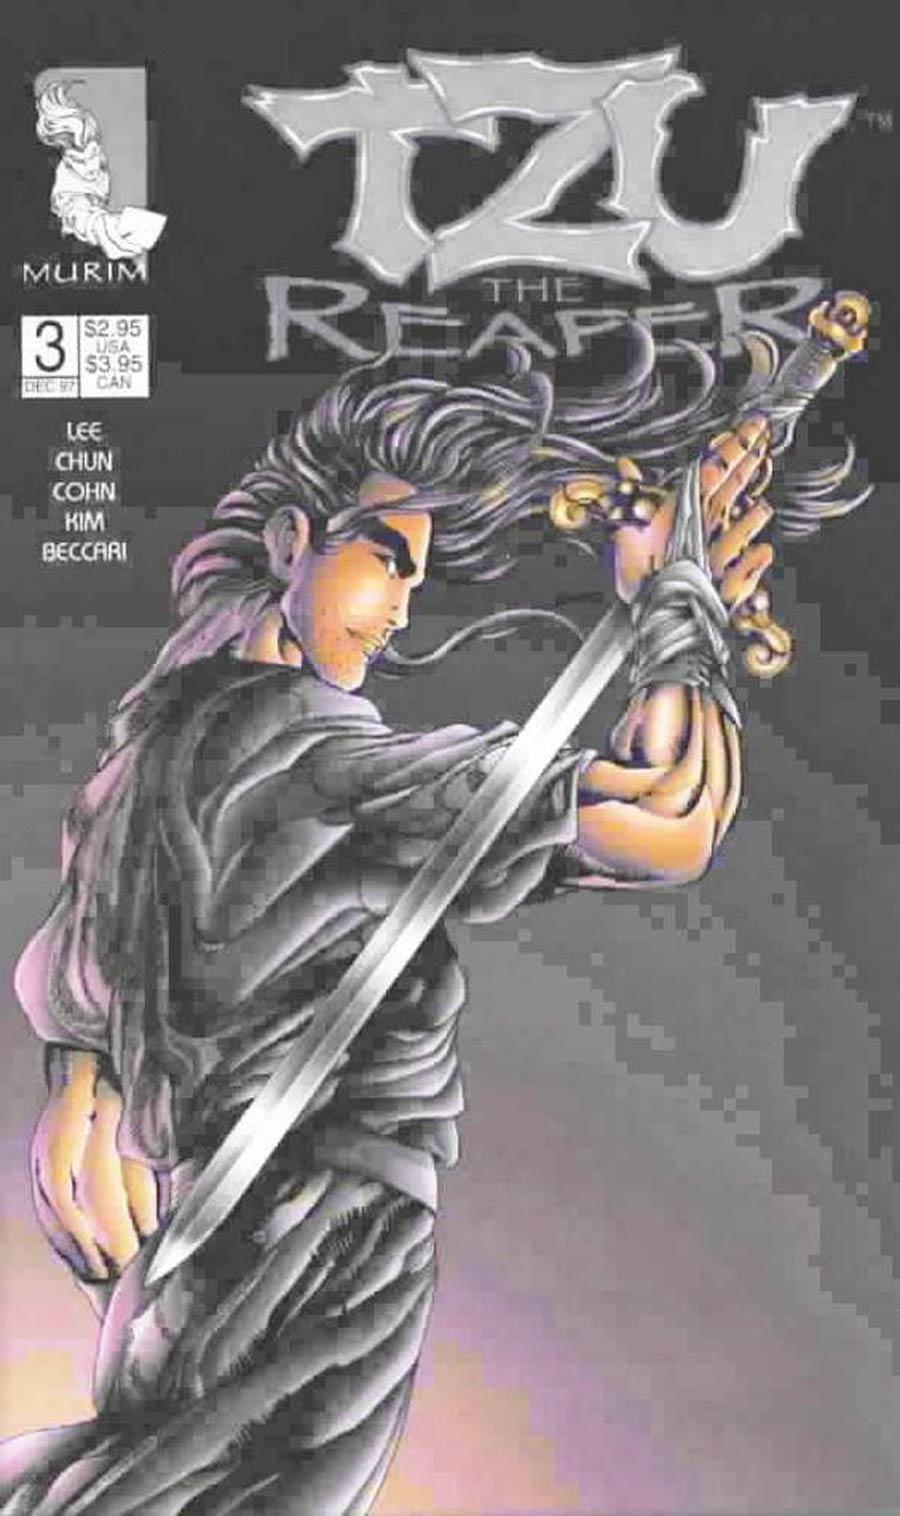 Tzu The Reaper #3